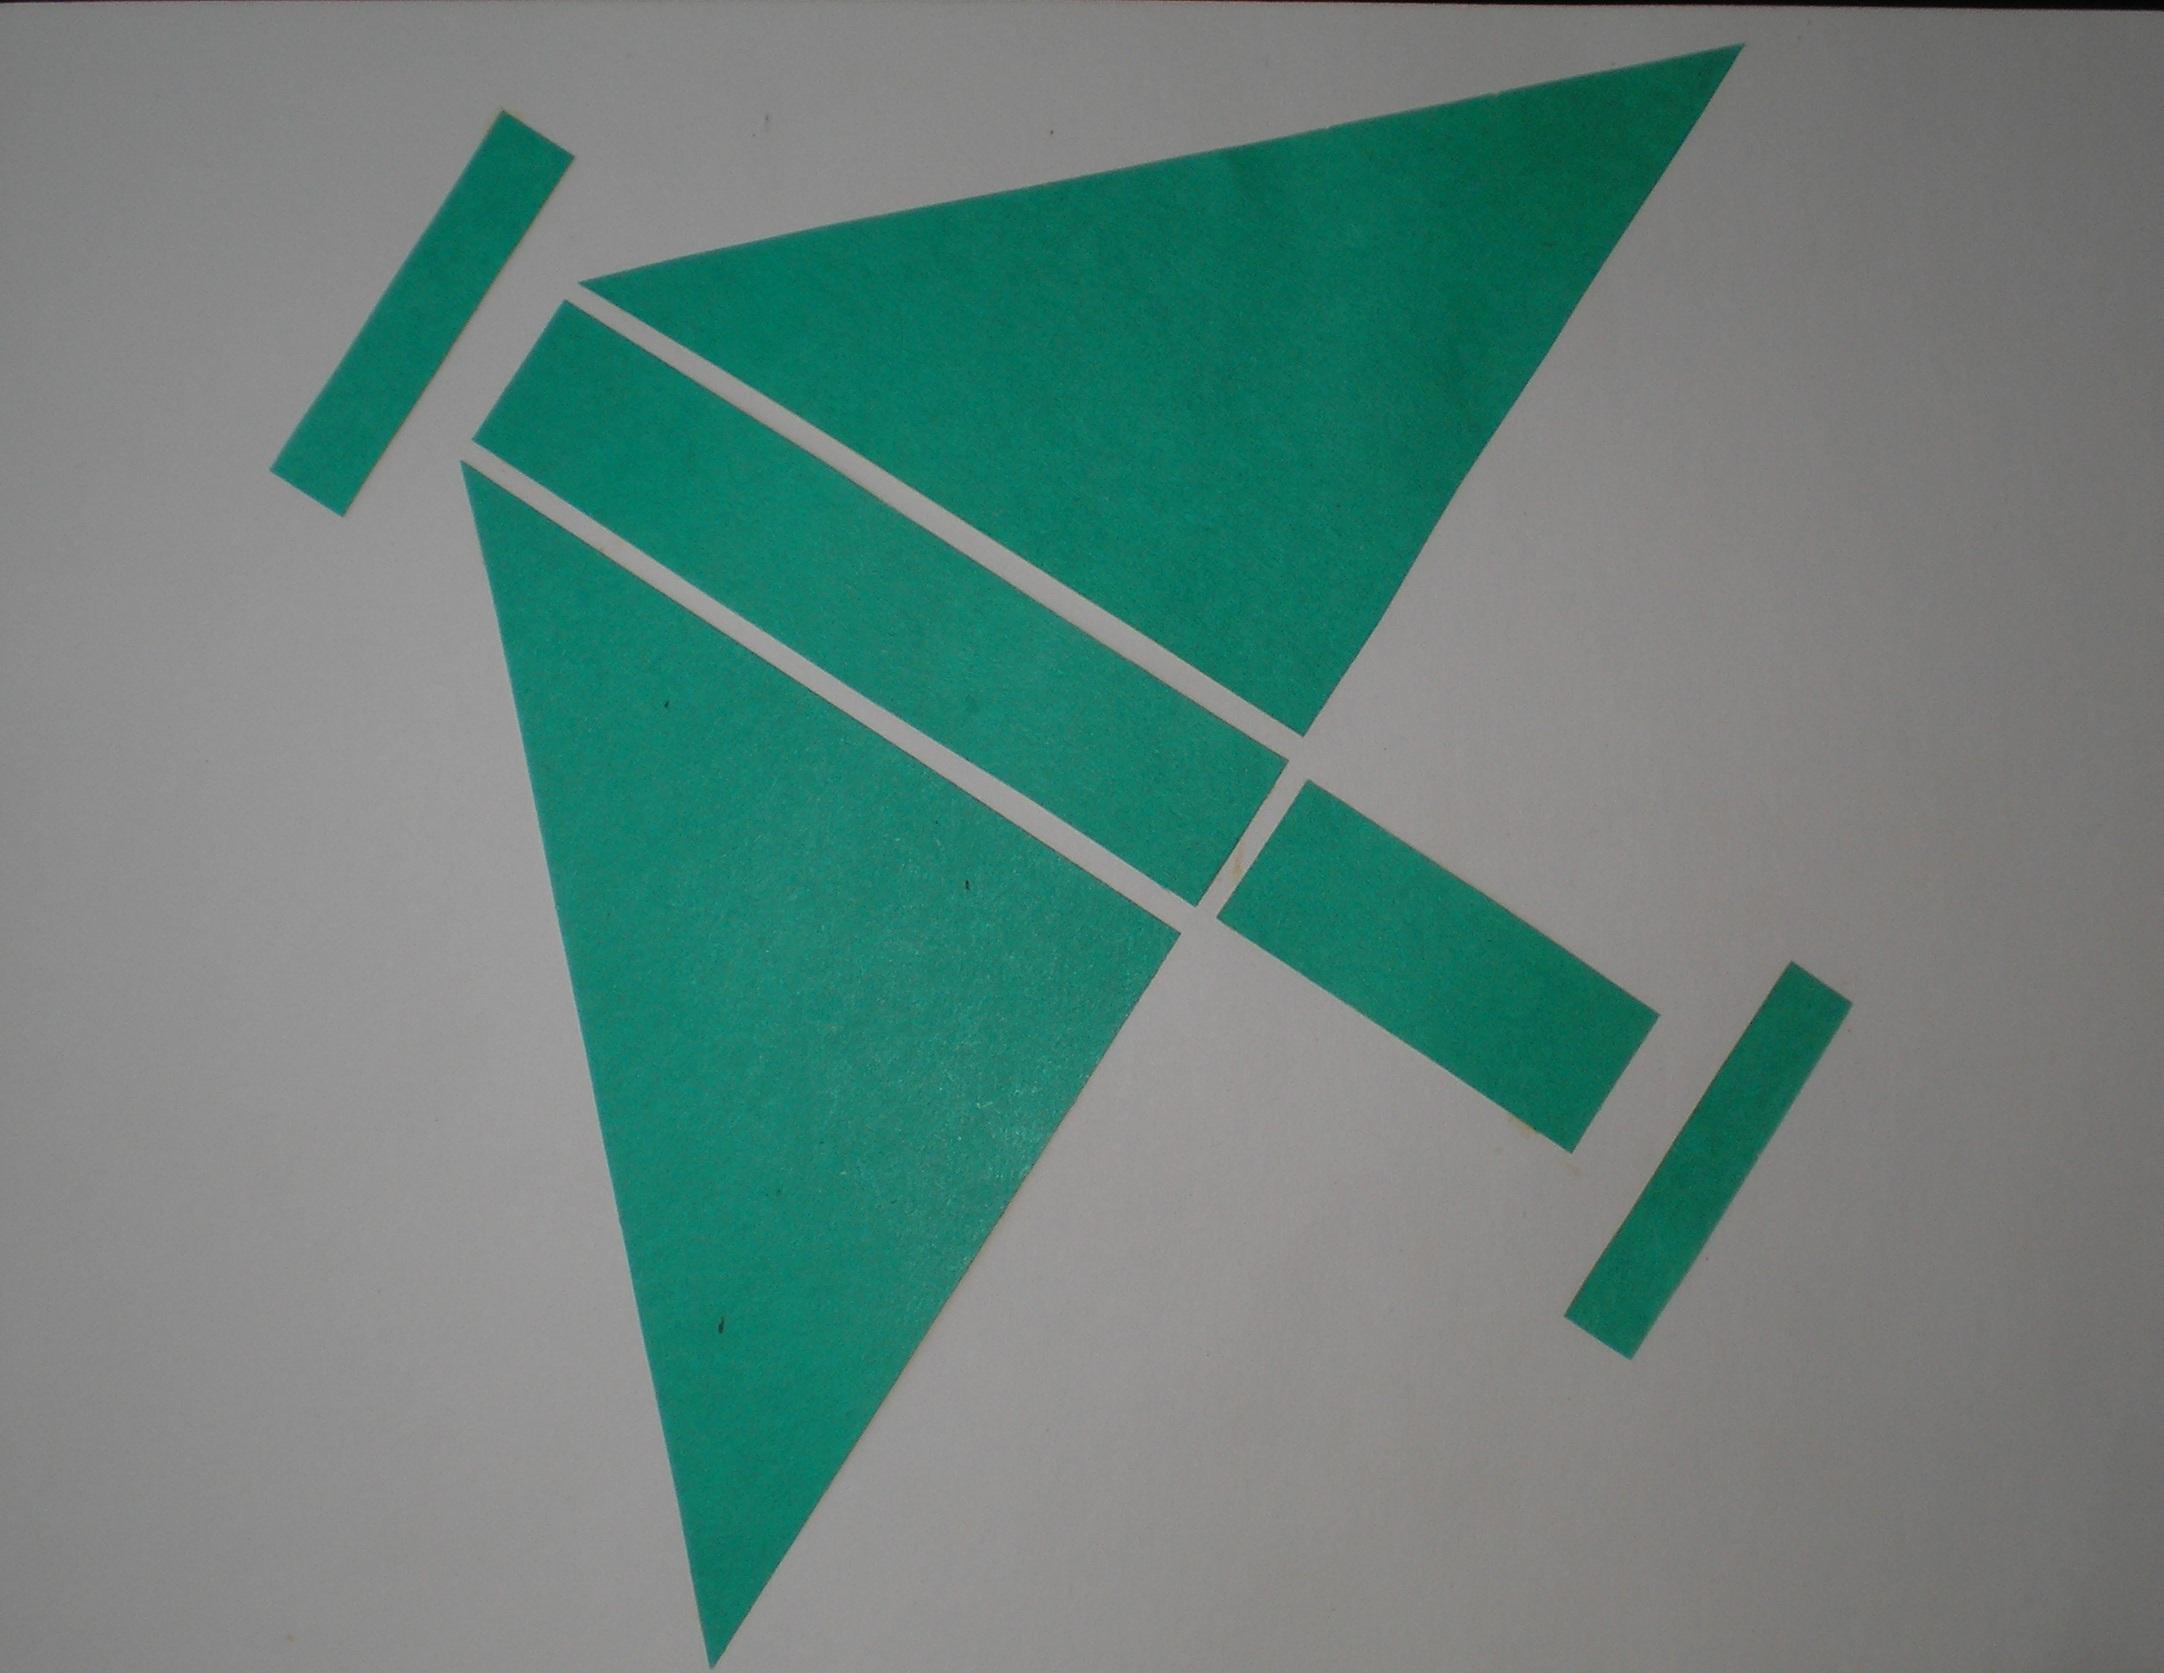 схема конструирование домика из бумаги в старшей группе